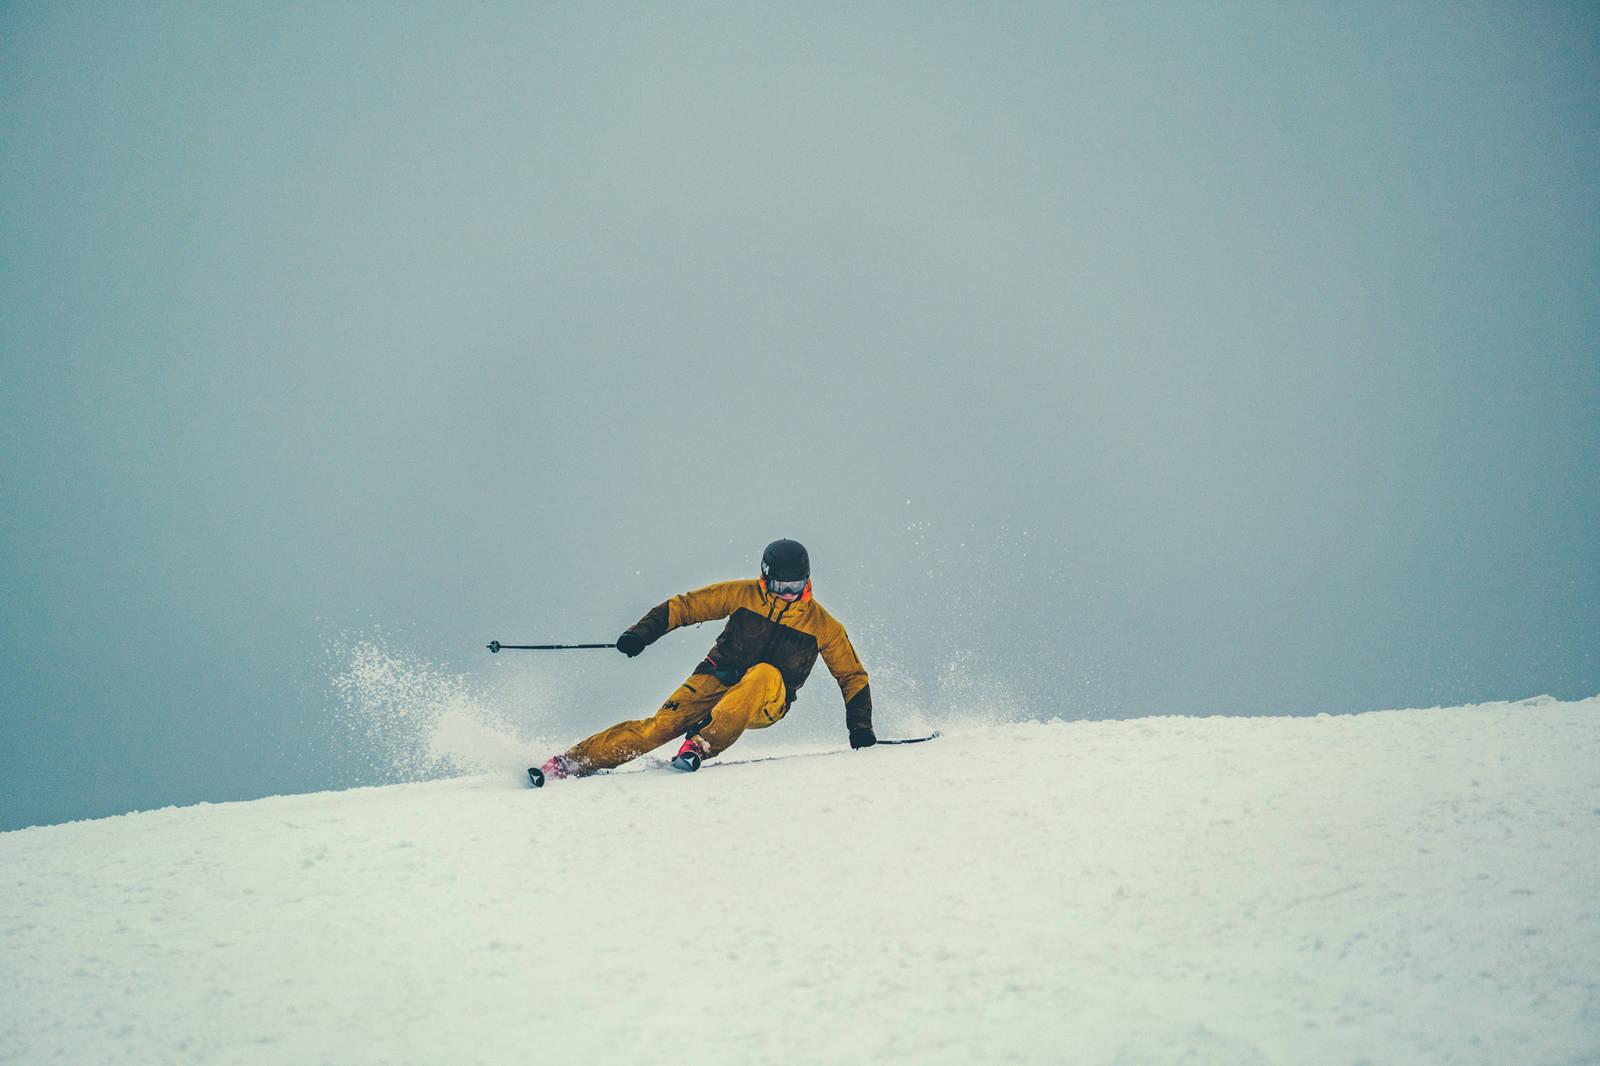 – Jeg ser at du kjører med bena i A-frame. Det er en balansegreie. Du er litt usikker i det du går på, og legger skiene på kant for å få støtte fra snøen.